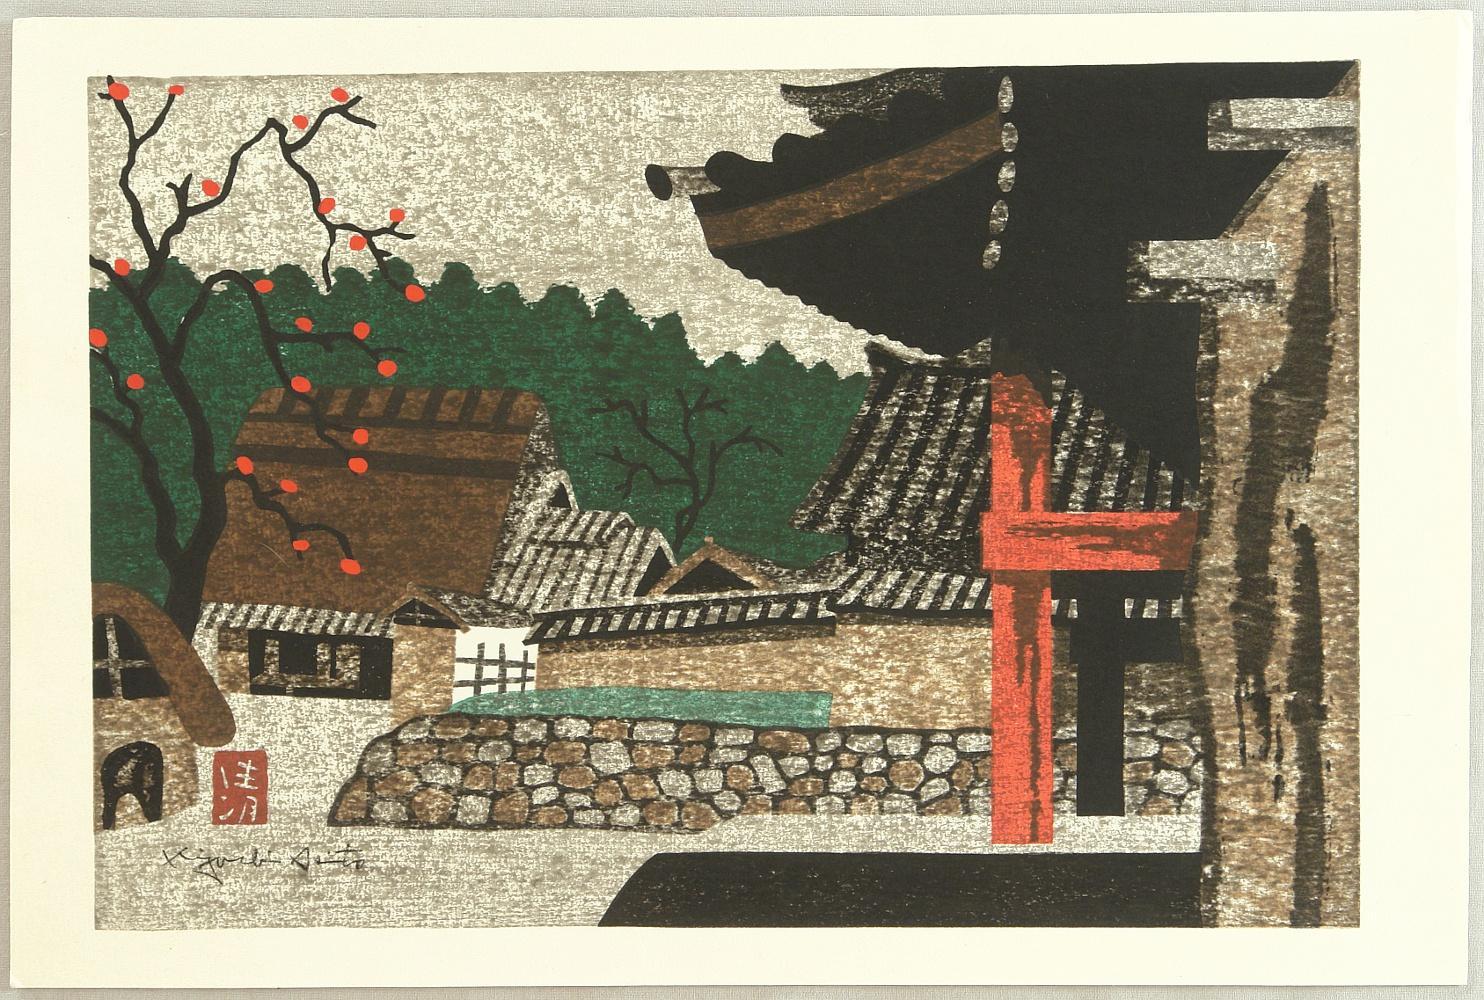 Kyoshi Saito, Villaggio con albero di caco. Dice Lowry: Saito utilizza la consistenza e colore per suggerire un dettaglio, piuttosto che riprodurlo pedissequamente. Abbiamo visto questo come un modo per rappresentare il mondo di Kubo.